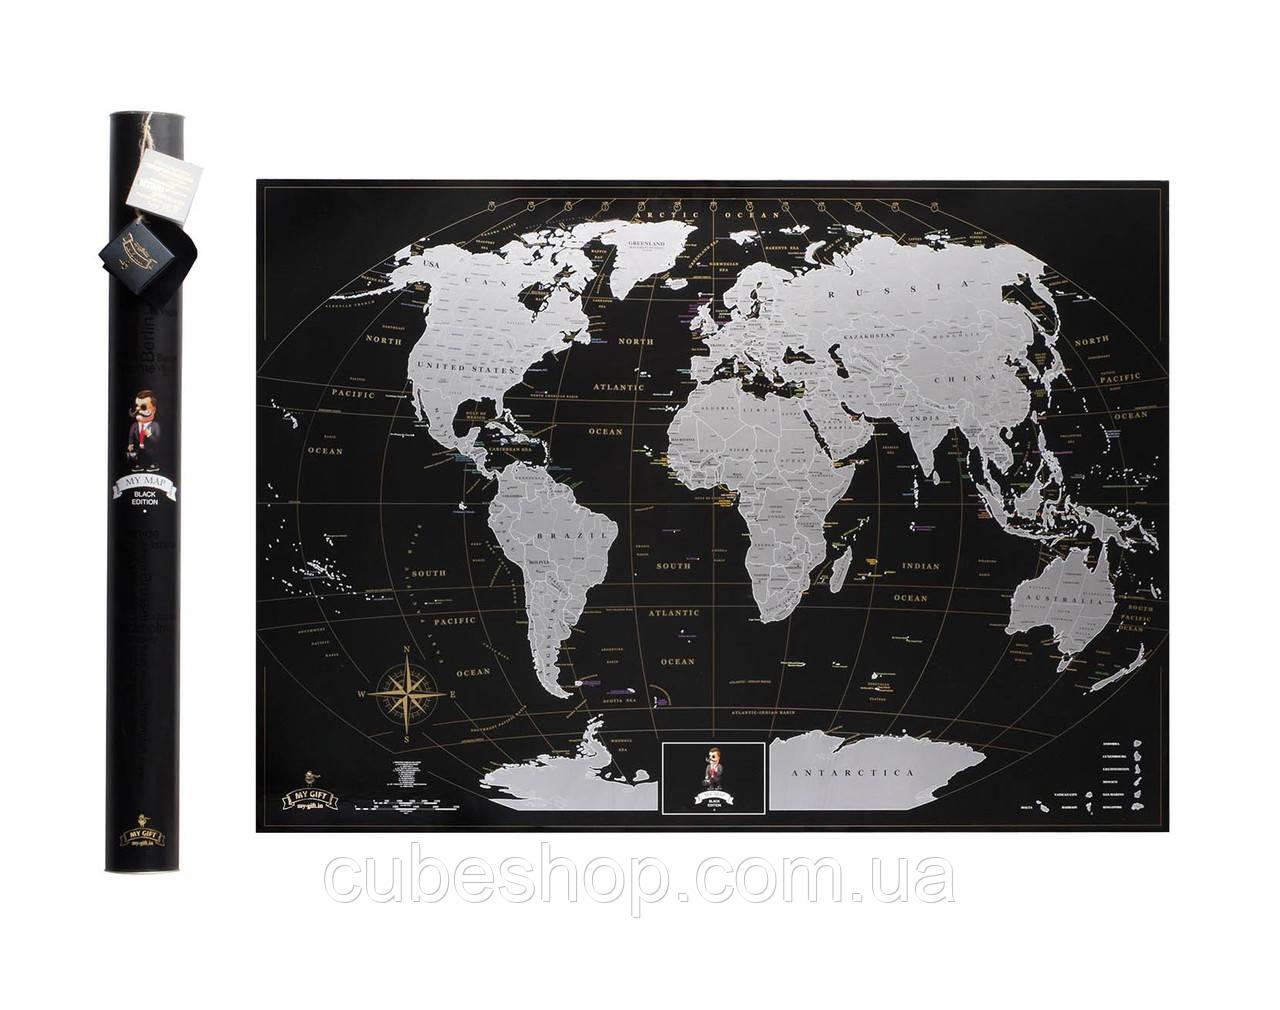 Скретч карта мира My Map Black edition Silver (английский язык) в тубусе